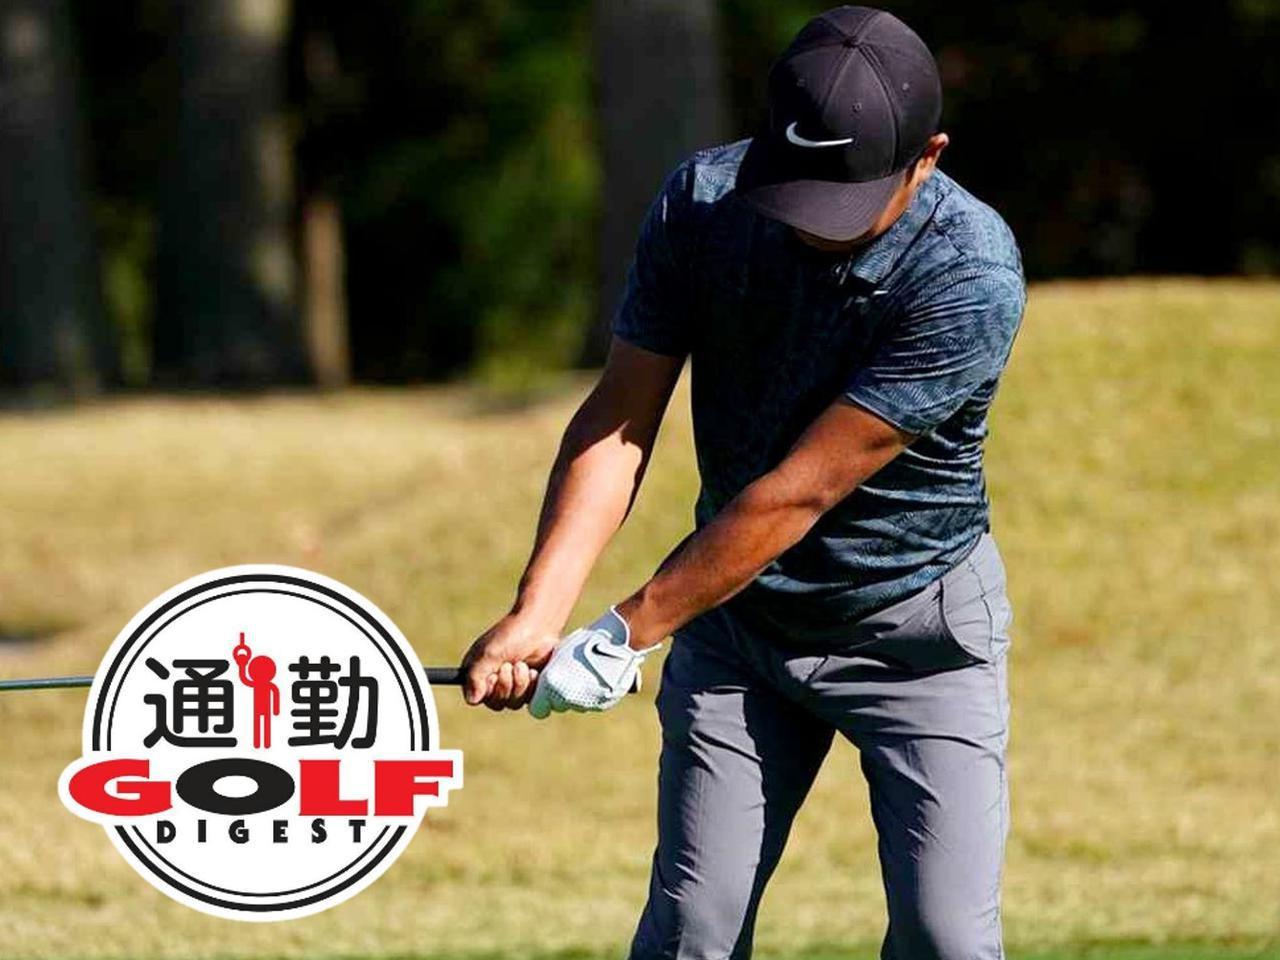 画像: 【通勤GD】時松隆光プロを育てた異次元打法「みんなの桜美式」Vol.11 挟むではなく握る  ゴルフダイジェストWEB - ゴルフへ行こうWEB by ゴルフダイジェスト